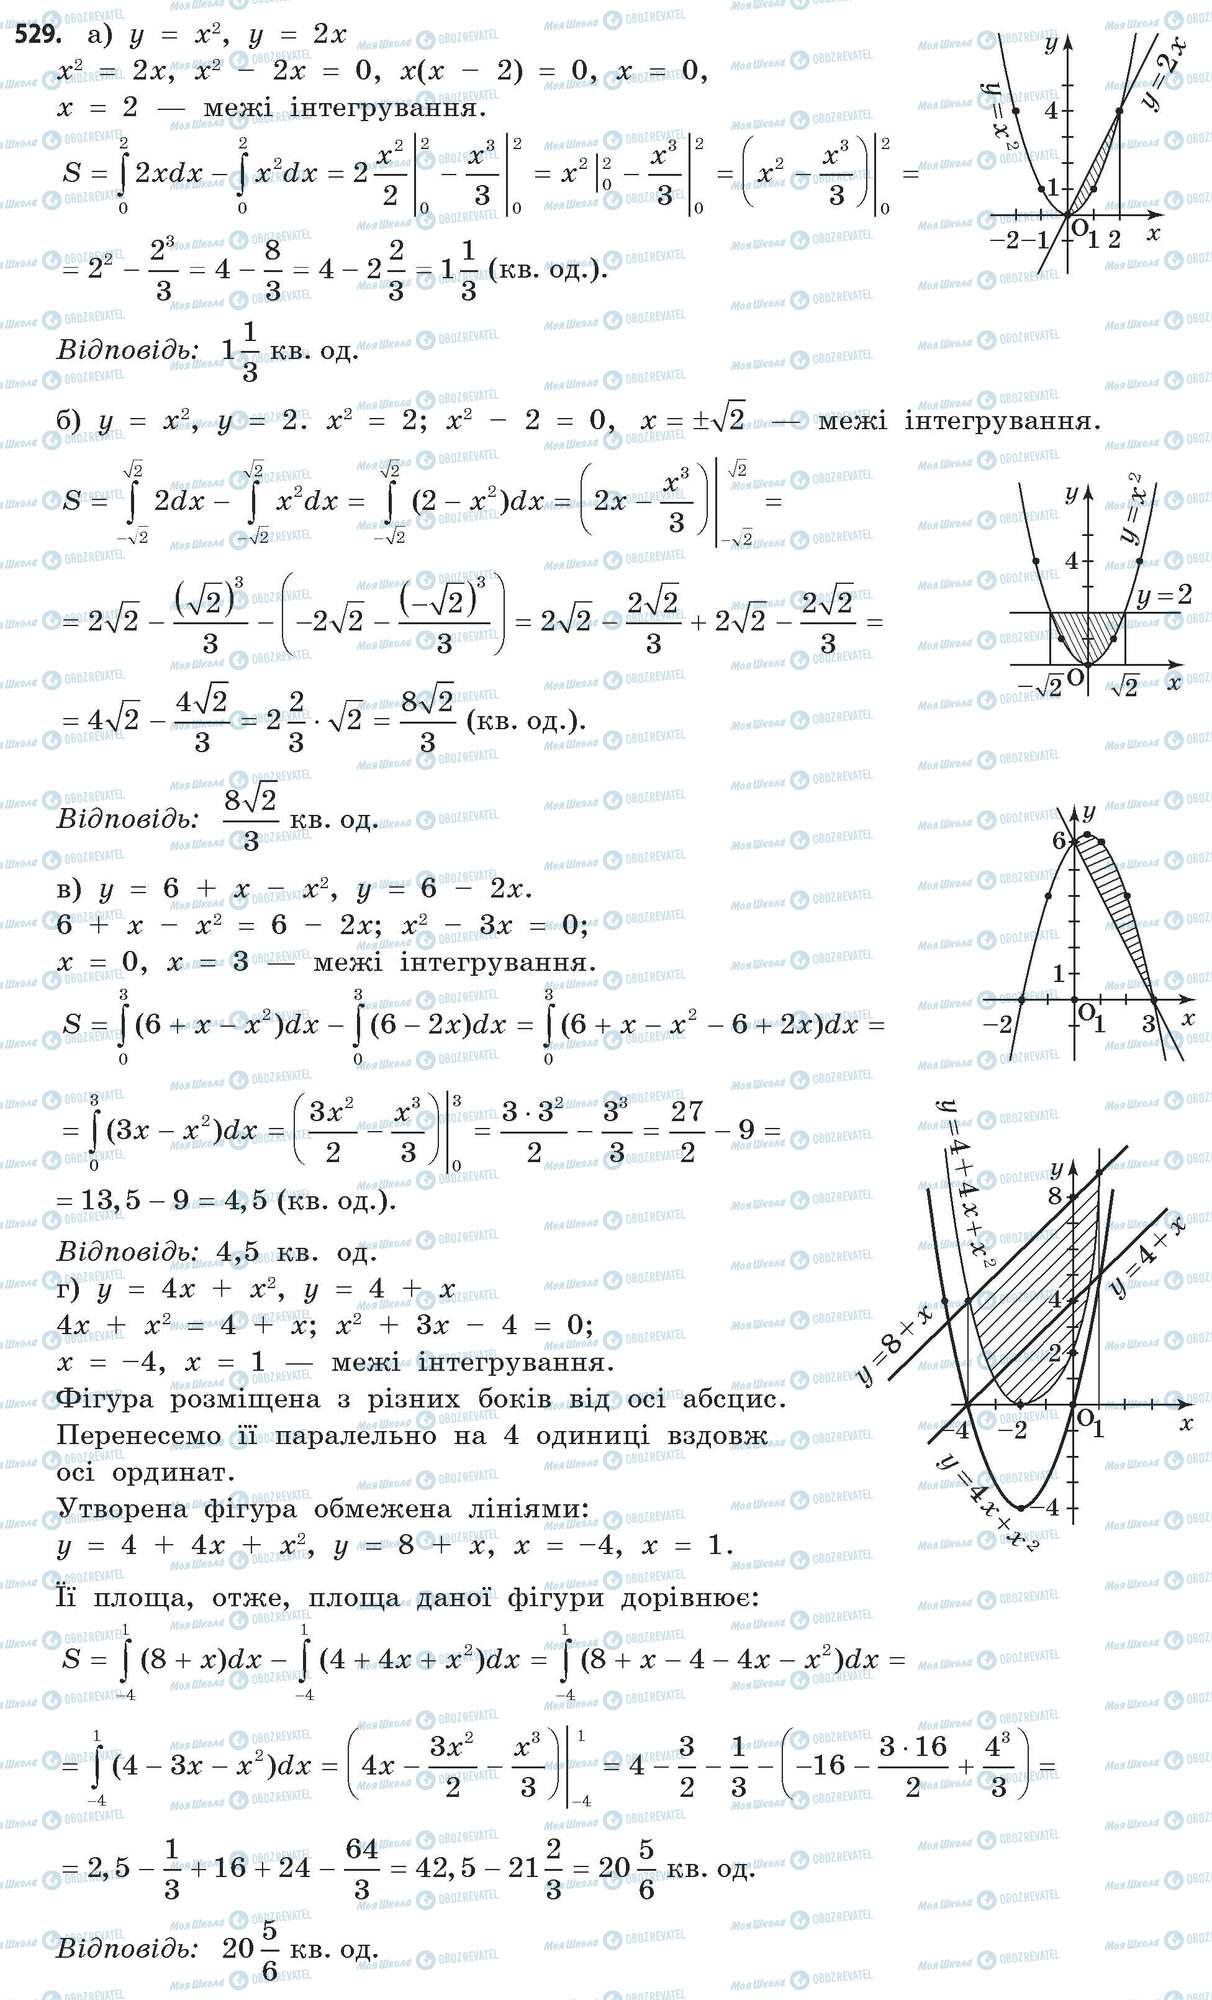 ГДЗ Математика 11 класс страница 529